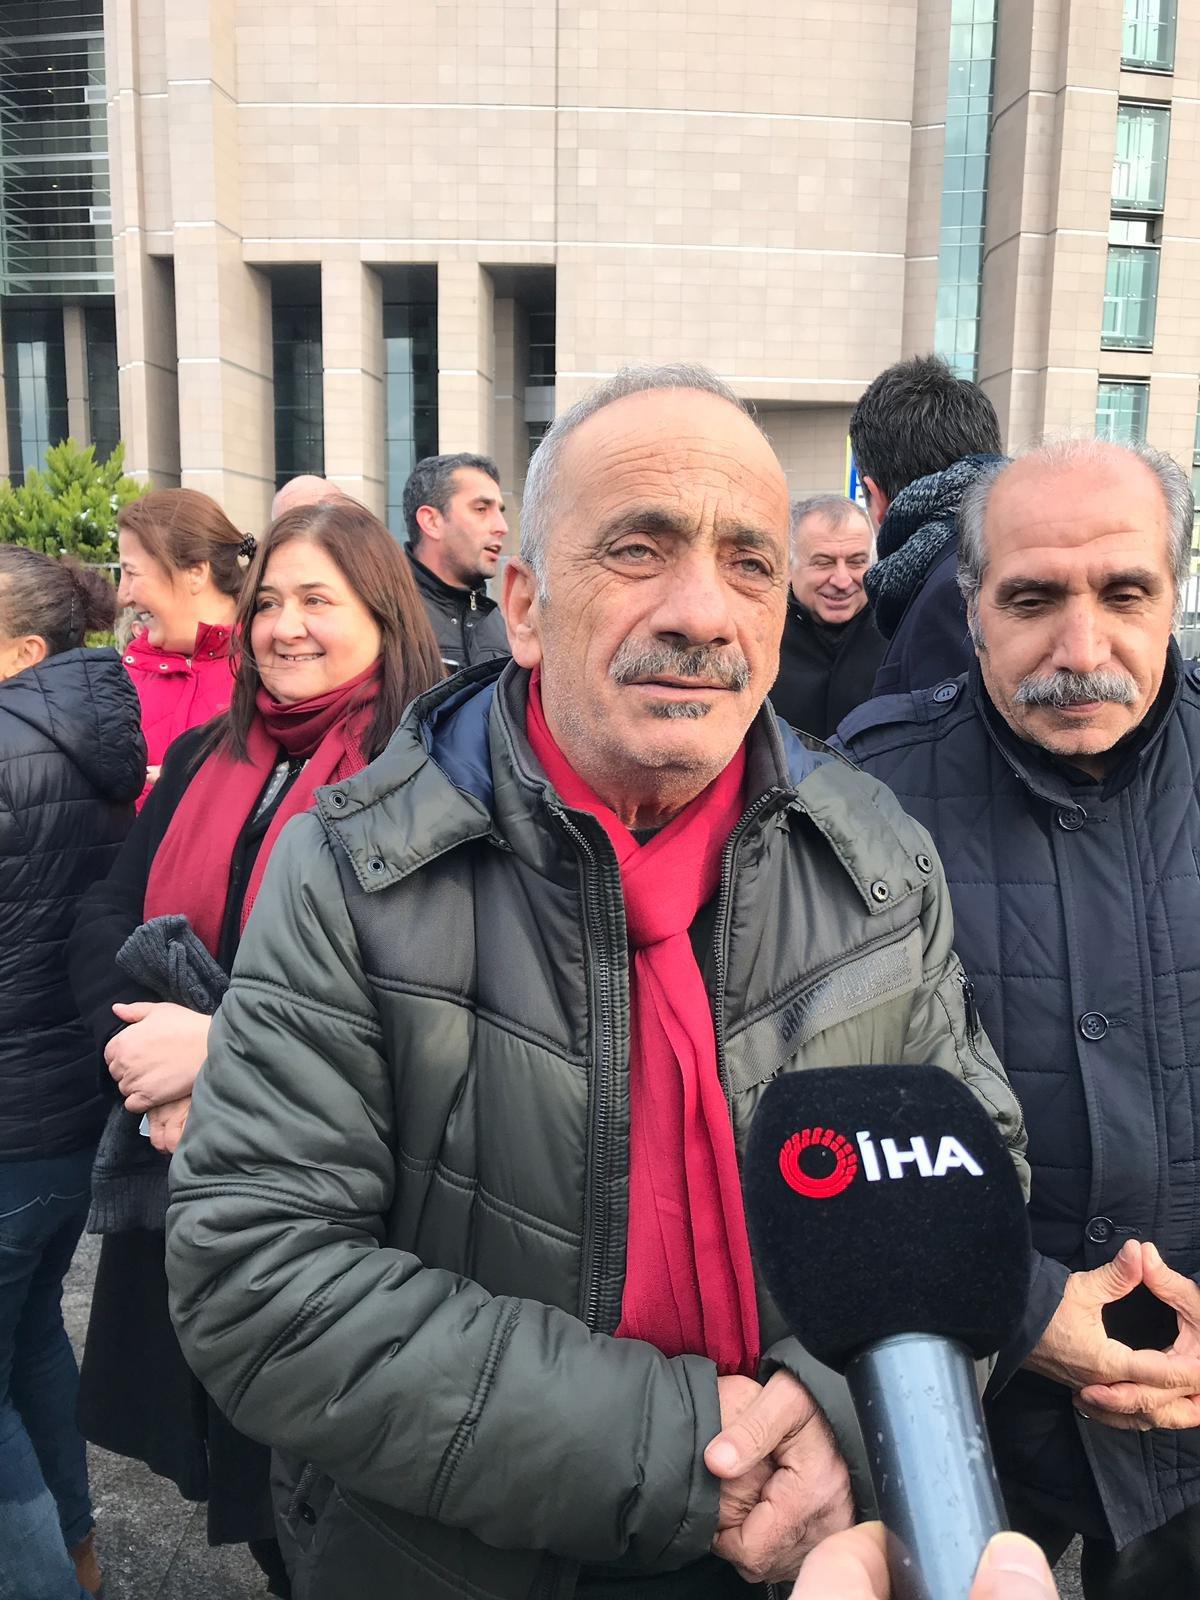 """FOTO:SÖZCÜ - Baba Hasan Erdem """"Yaşam biçimimizde devlete karşı işlenecek suçlar asla ve asla olmaz."""" dedi."""